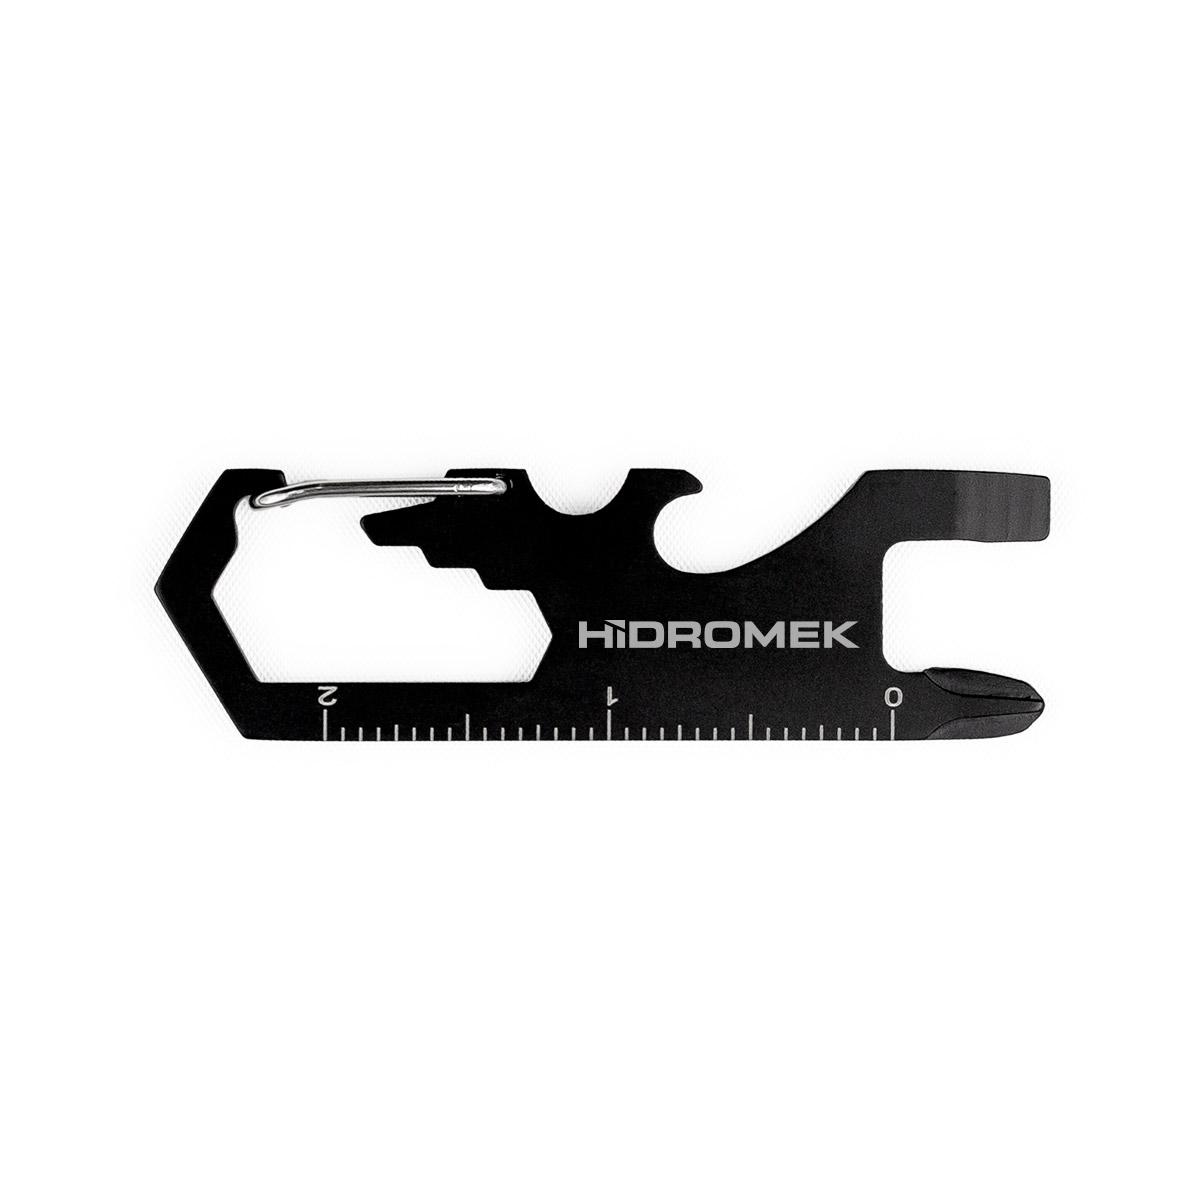 Metal Carabiner Tool